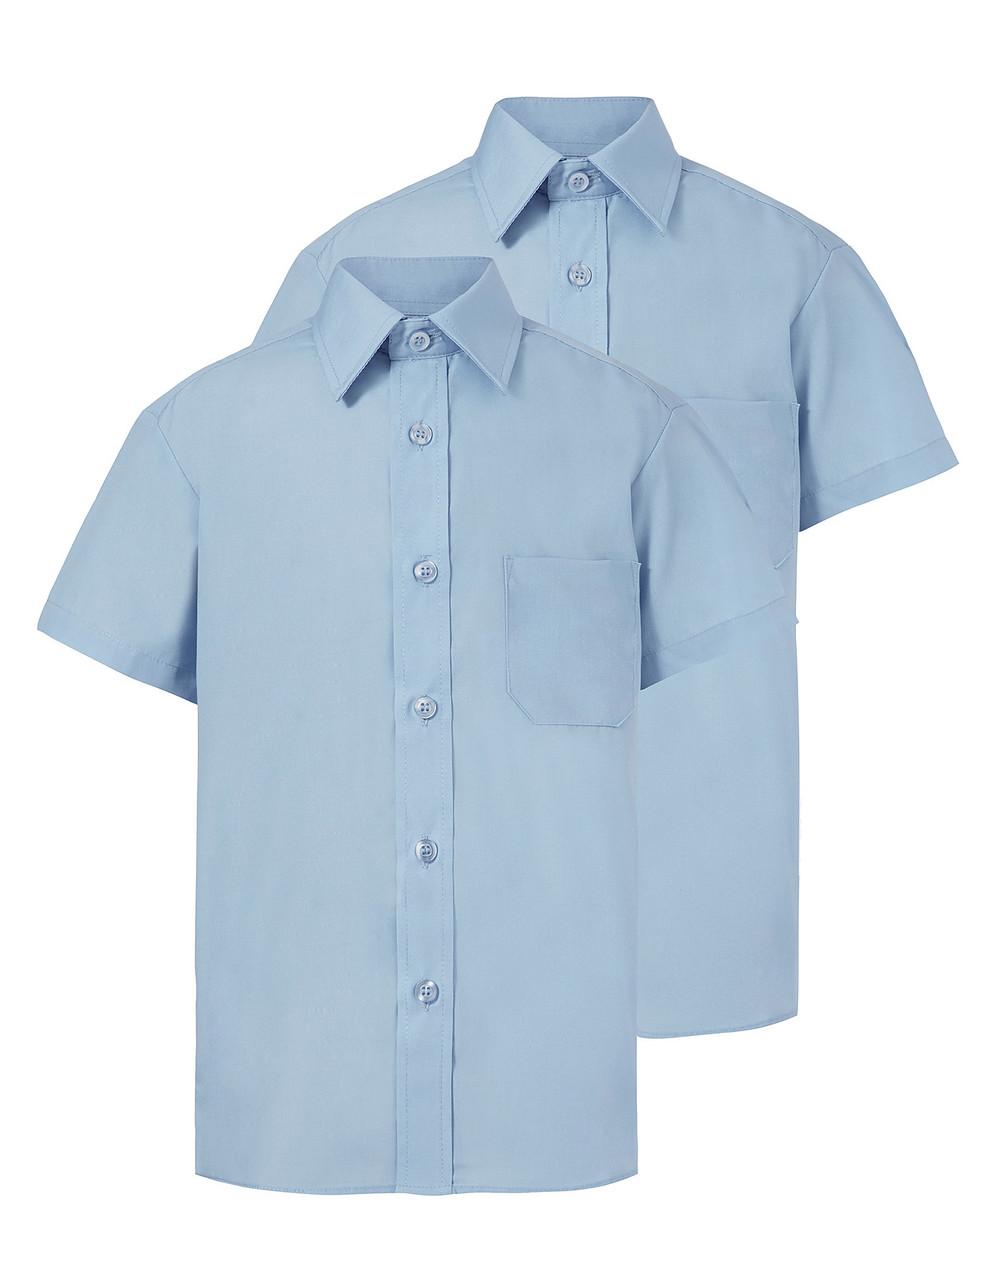 53f33712278 Школьные рубашки Non Iron голубые короткий рукав для мальчиков 6-7-8 ...